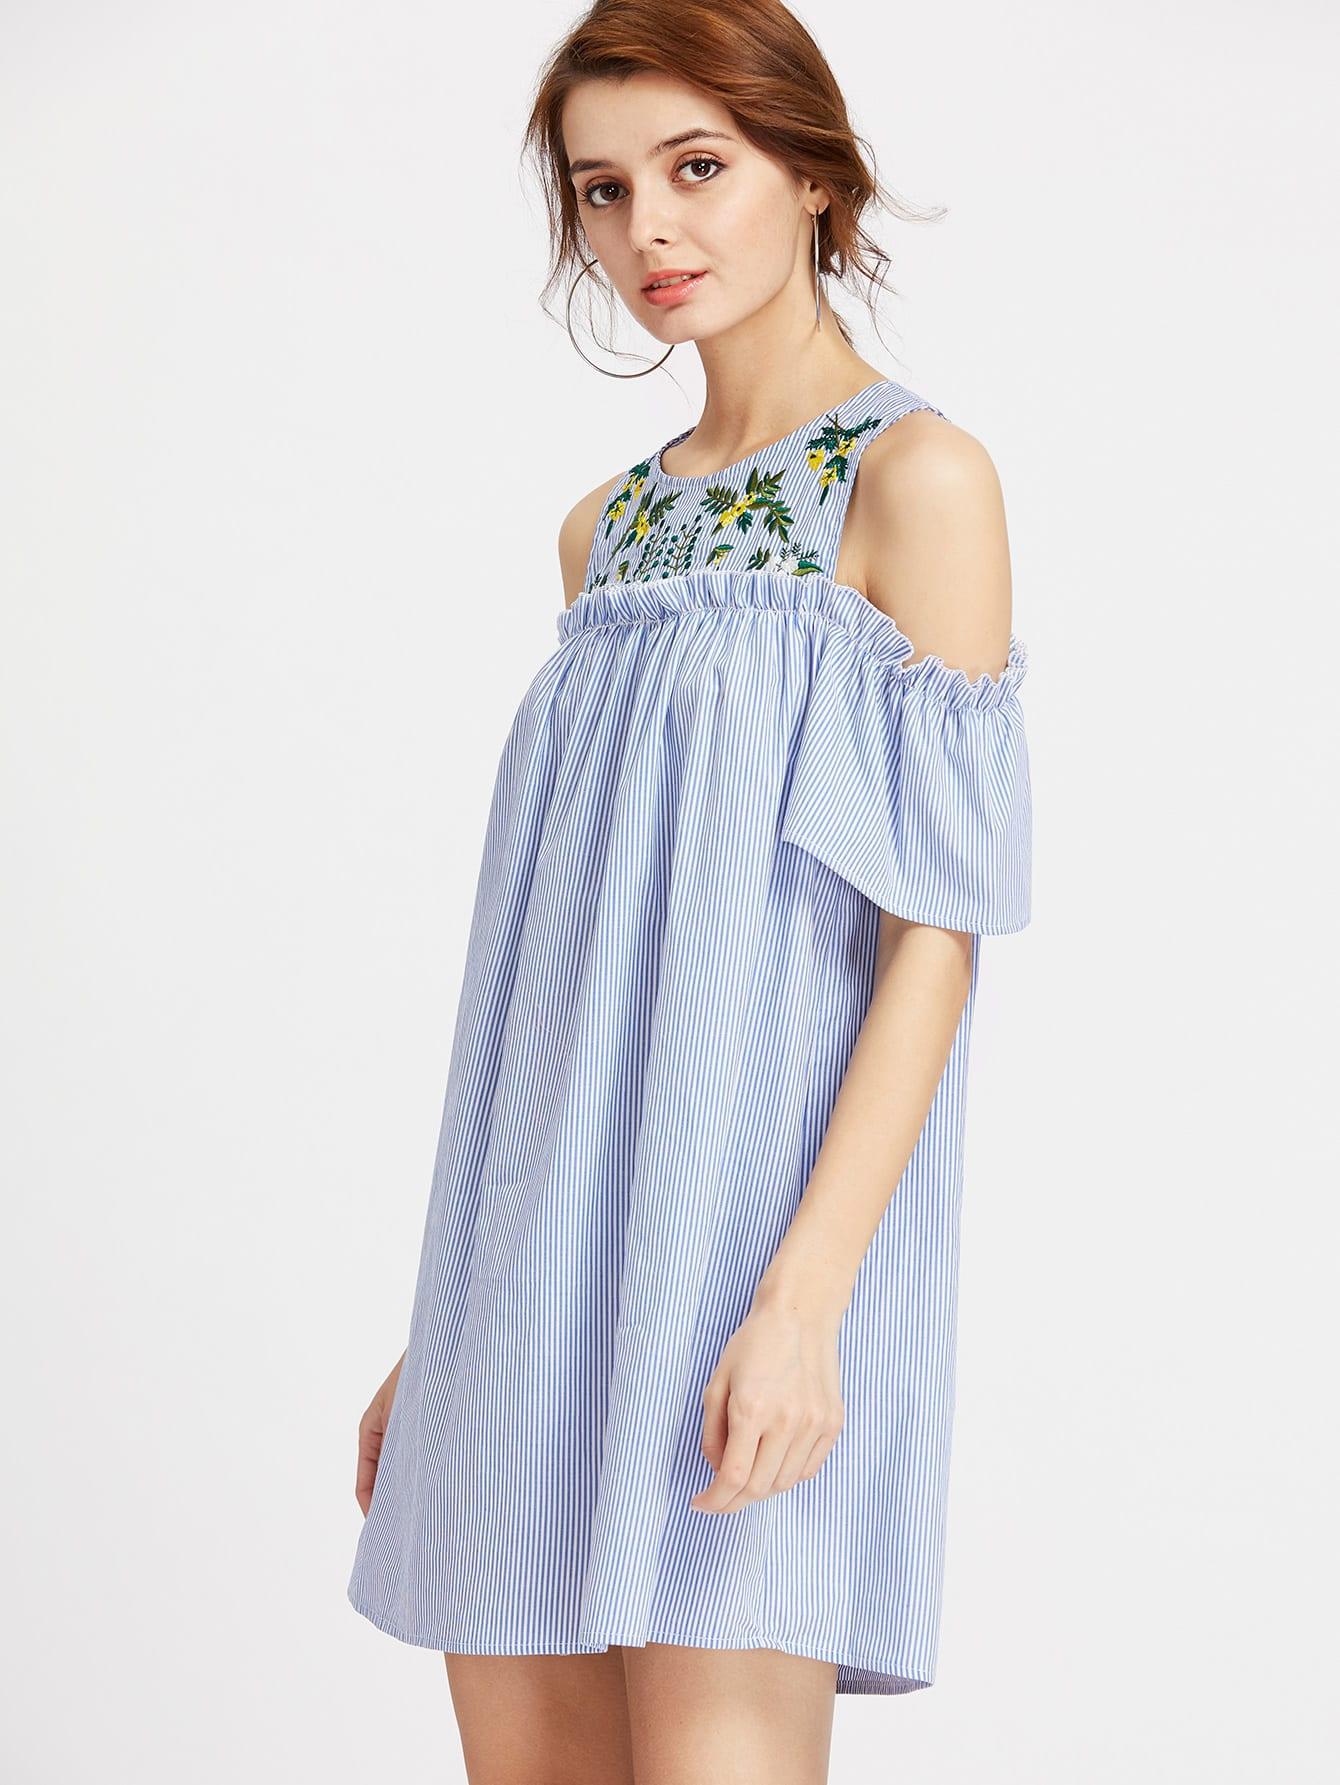 dress170427706_2